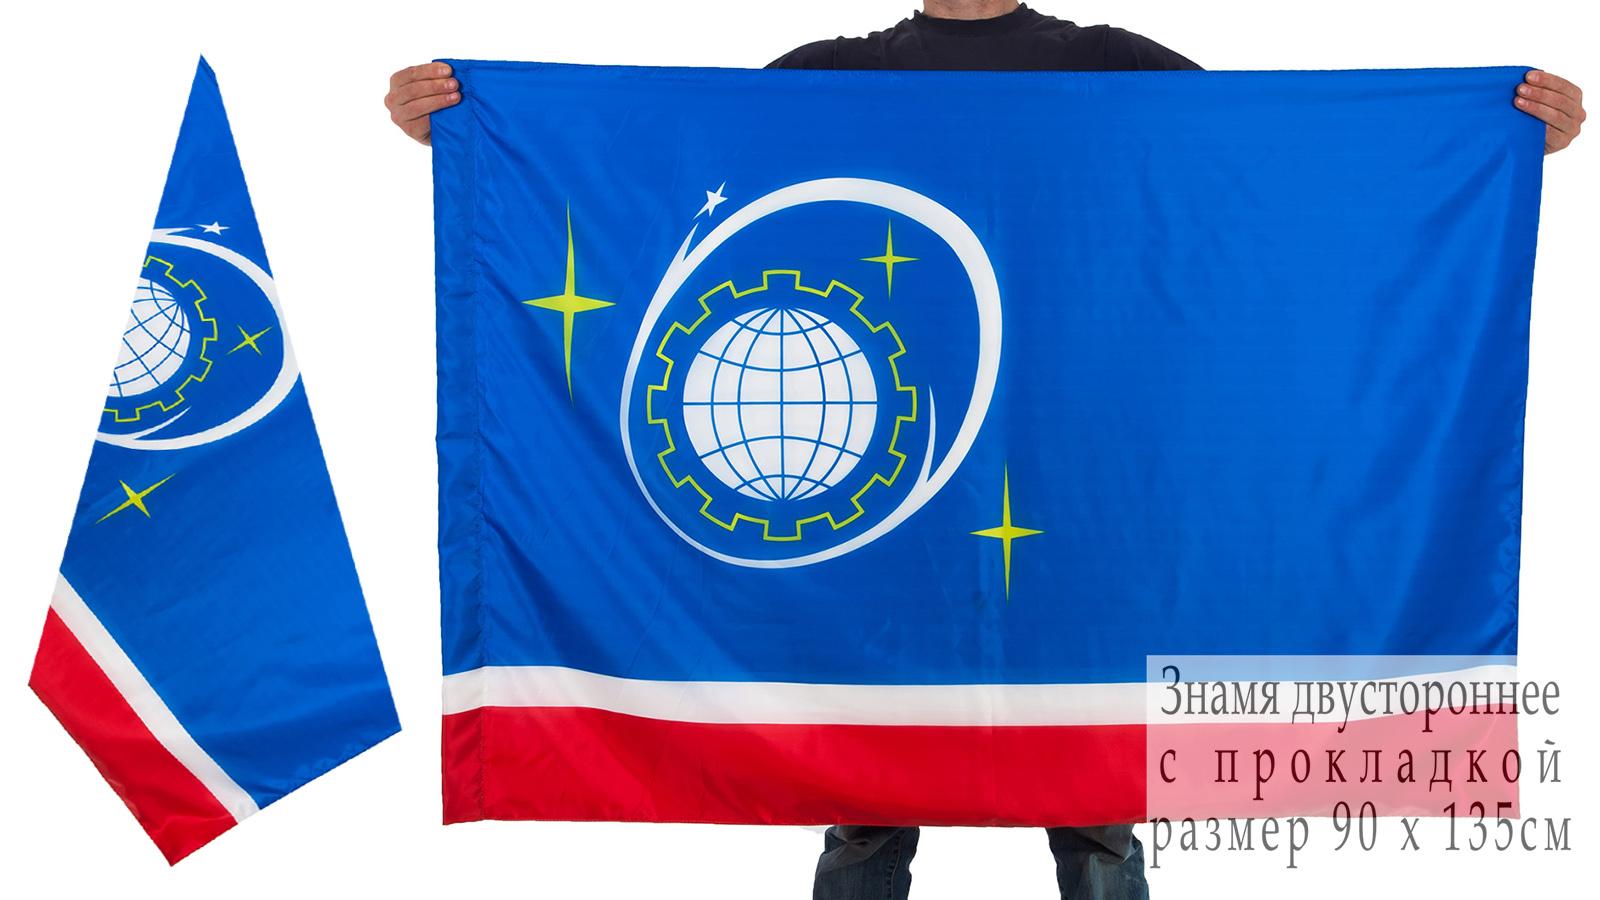 Двухсторонний флаг Королёва